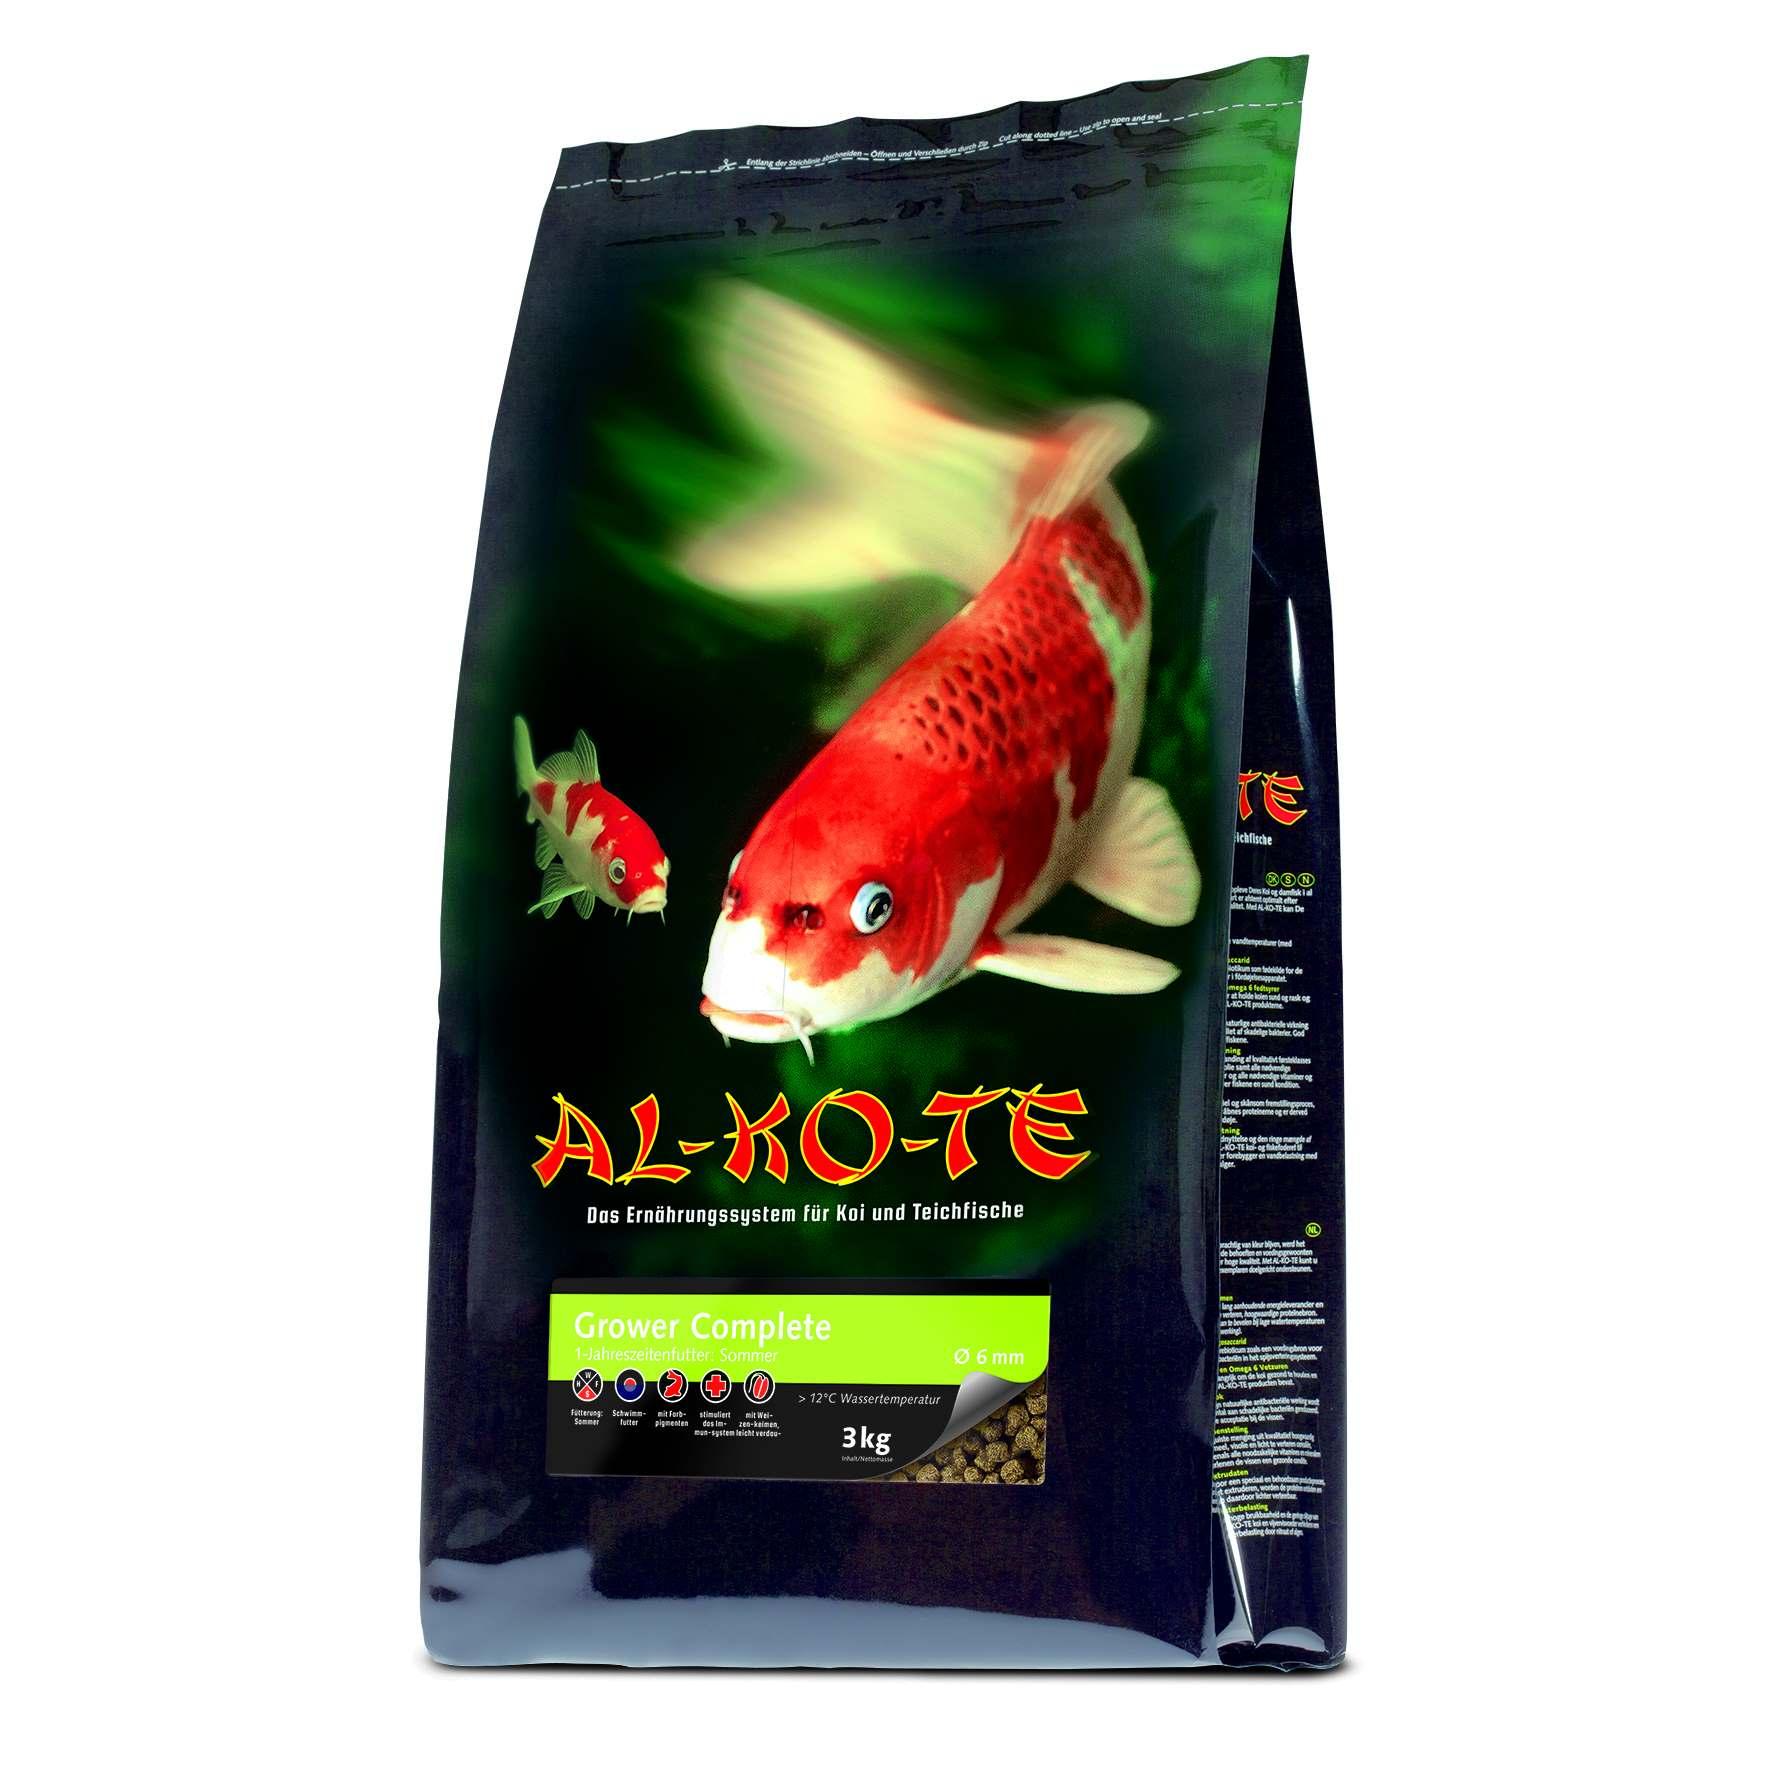 AL-KO-TE Grower Complete 6mm Pellets 3 kg